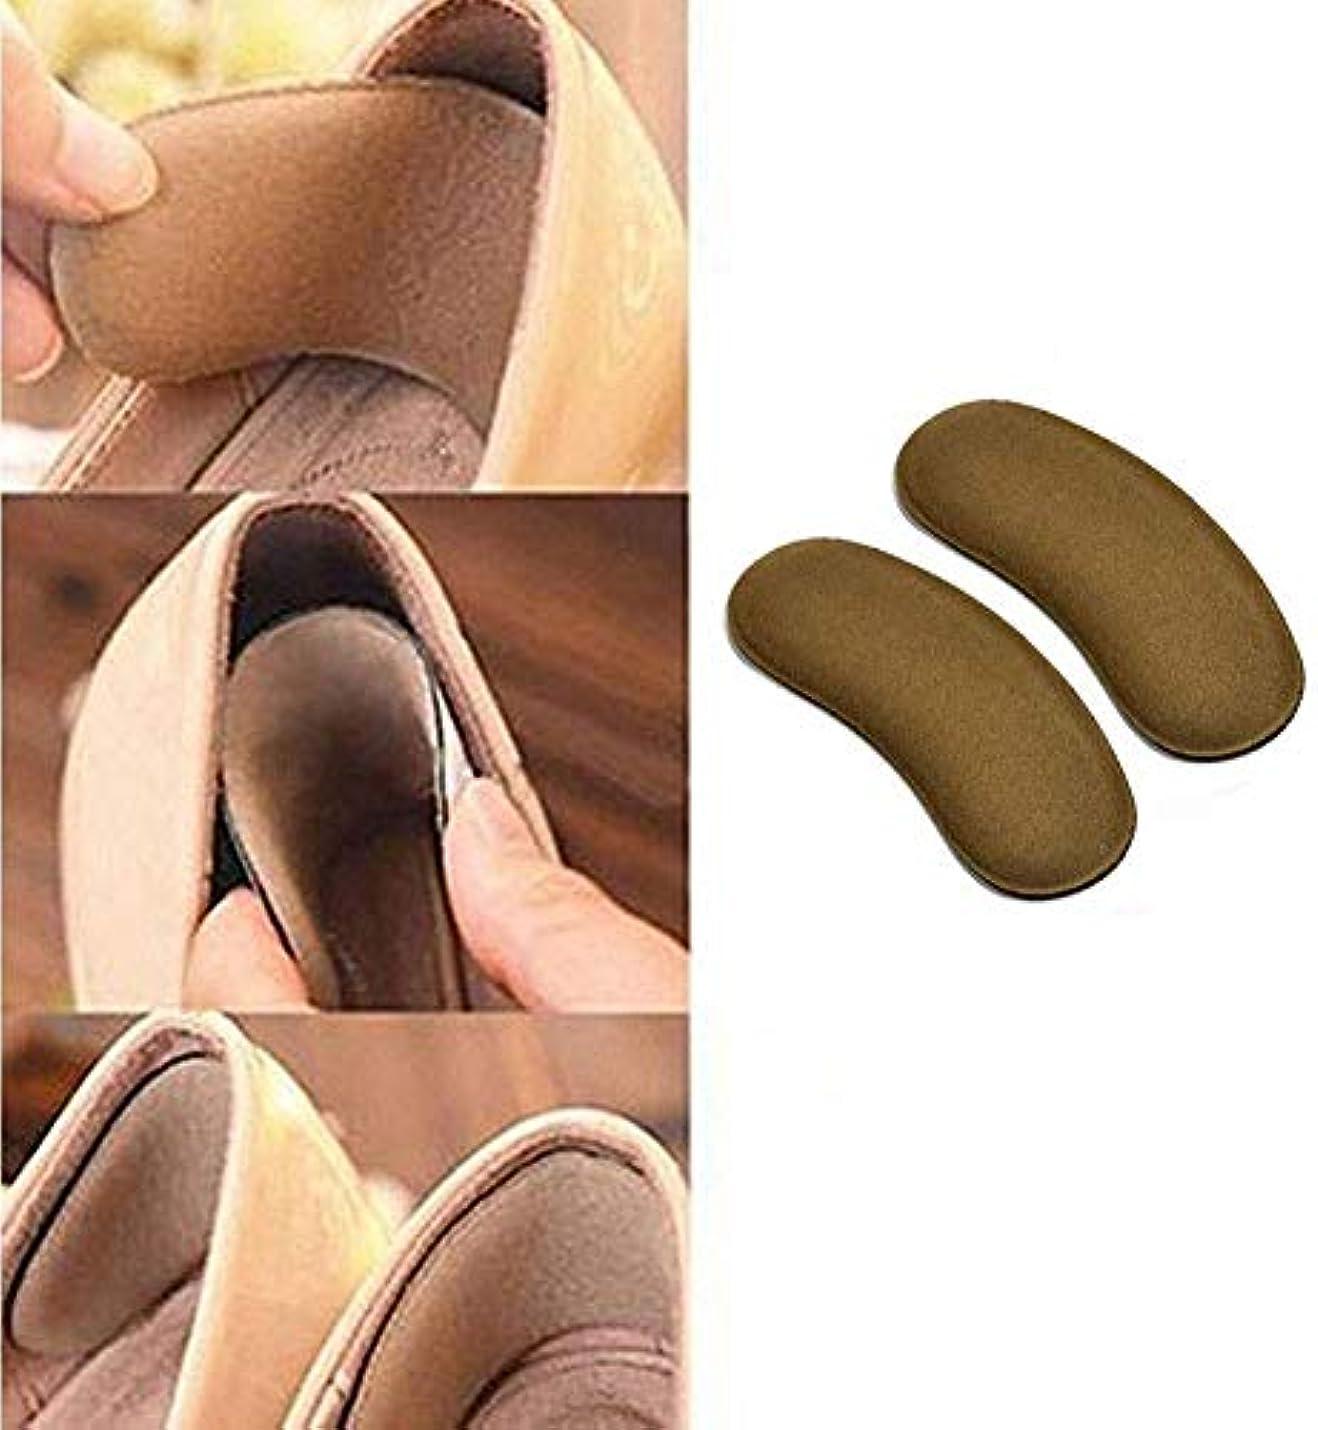 選択省略する誤解を招くヒールパッド付きパッドライニング、高いヒールパッドのライニングの靴のライニング緩い靴、改善された靴のフィット感と快適さのために、水ぶくれが大きすぎる、ユーチューブーチューブニセックス防止の5組